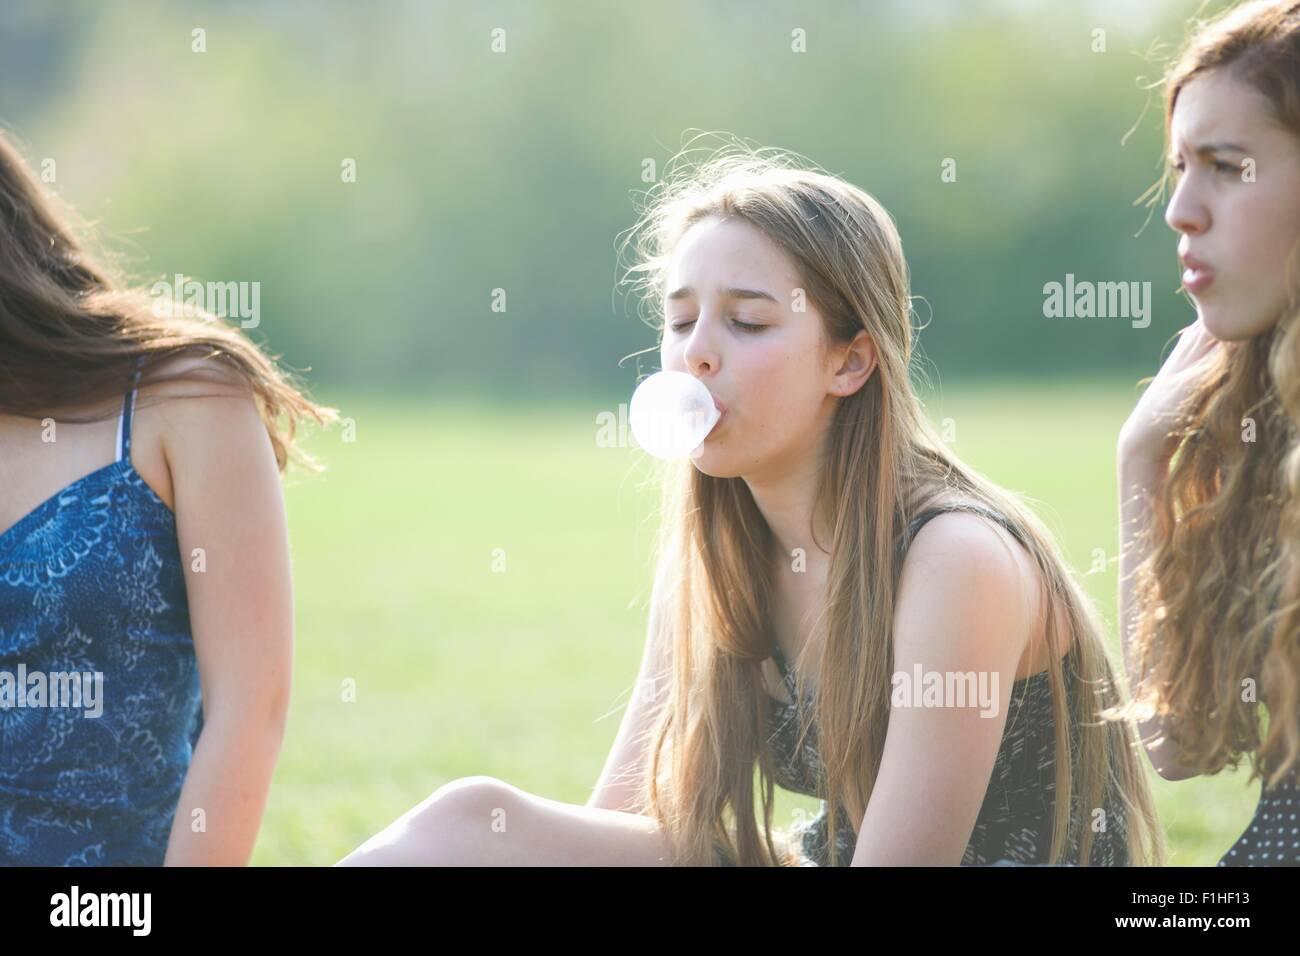 Sleeping friend slim blonde teen